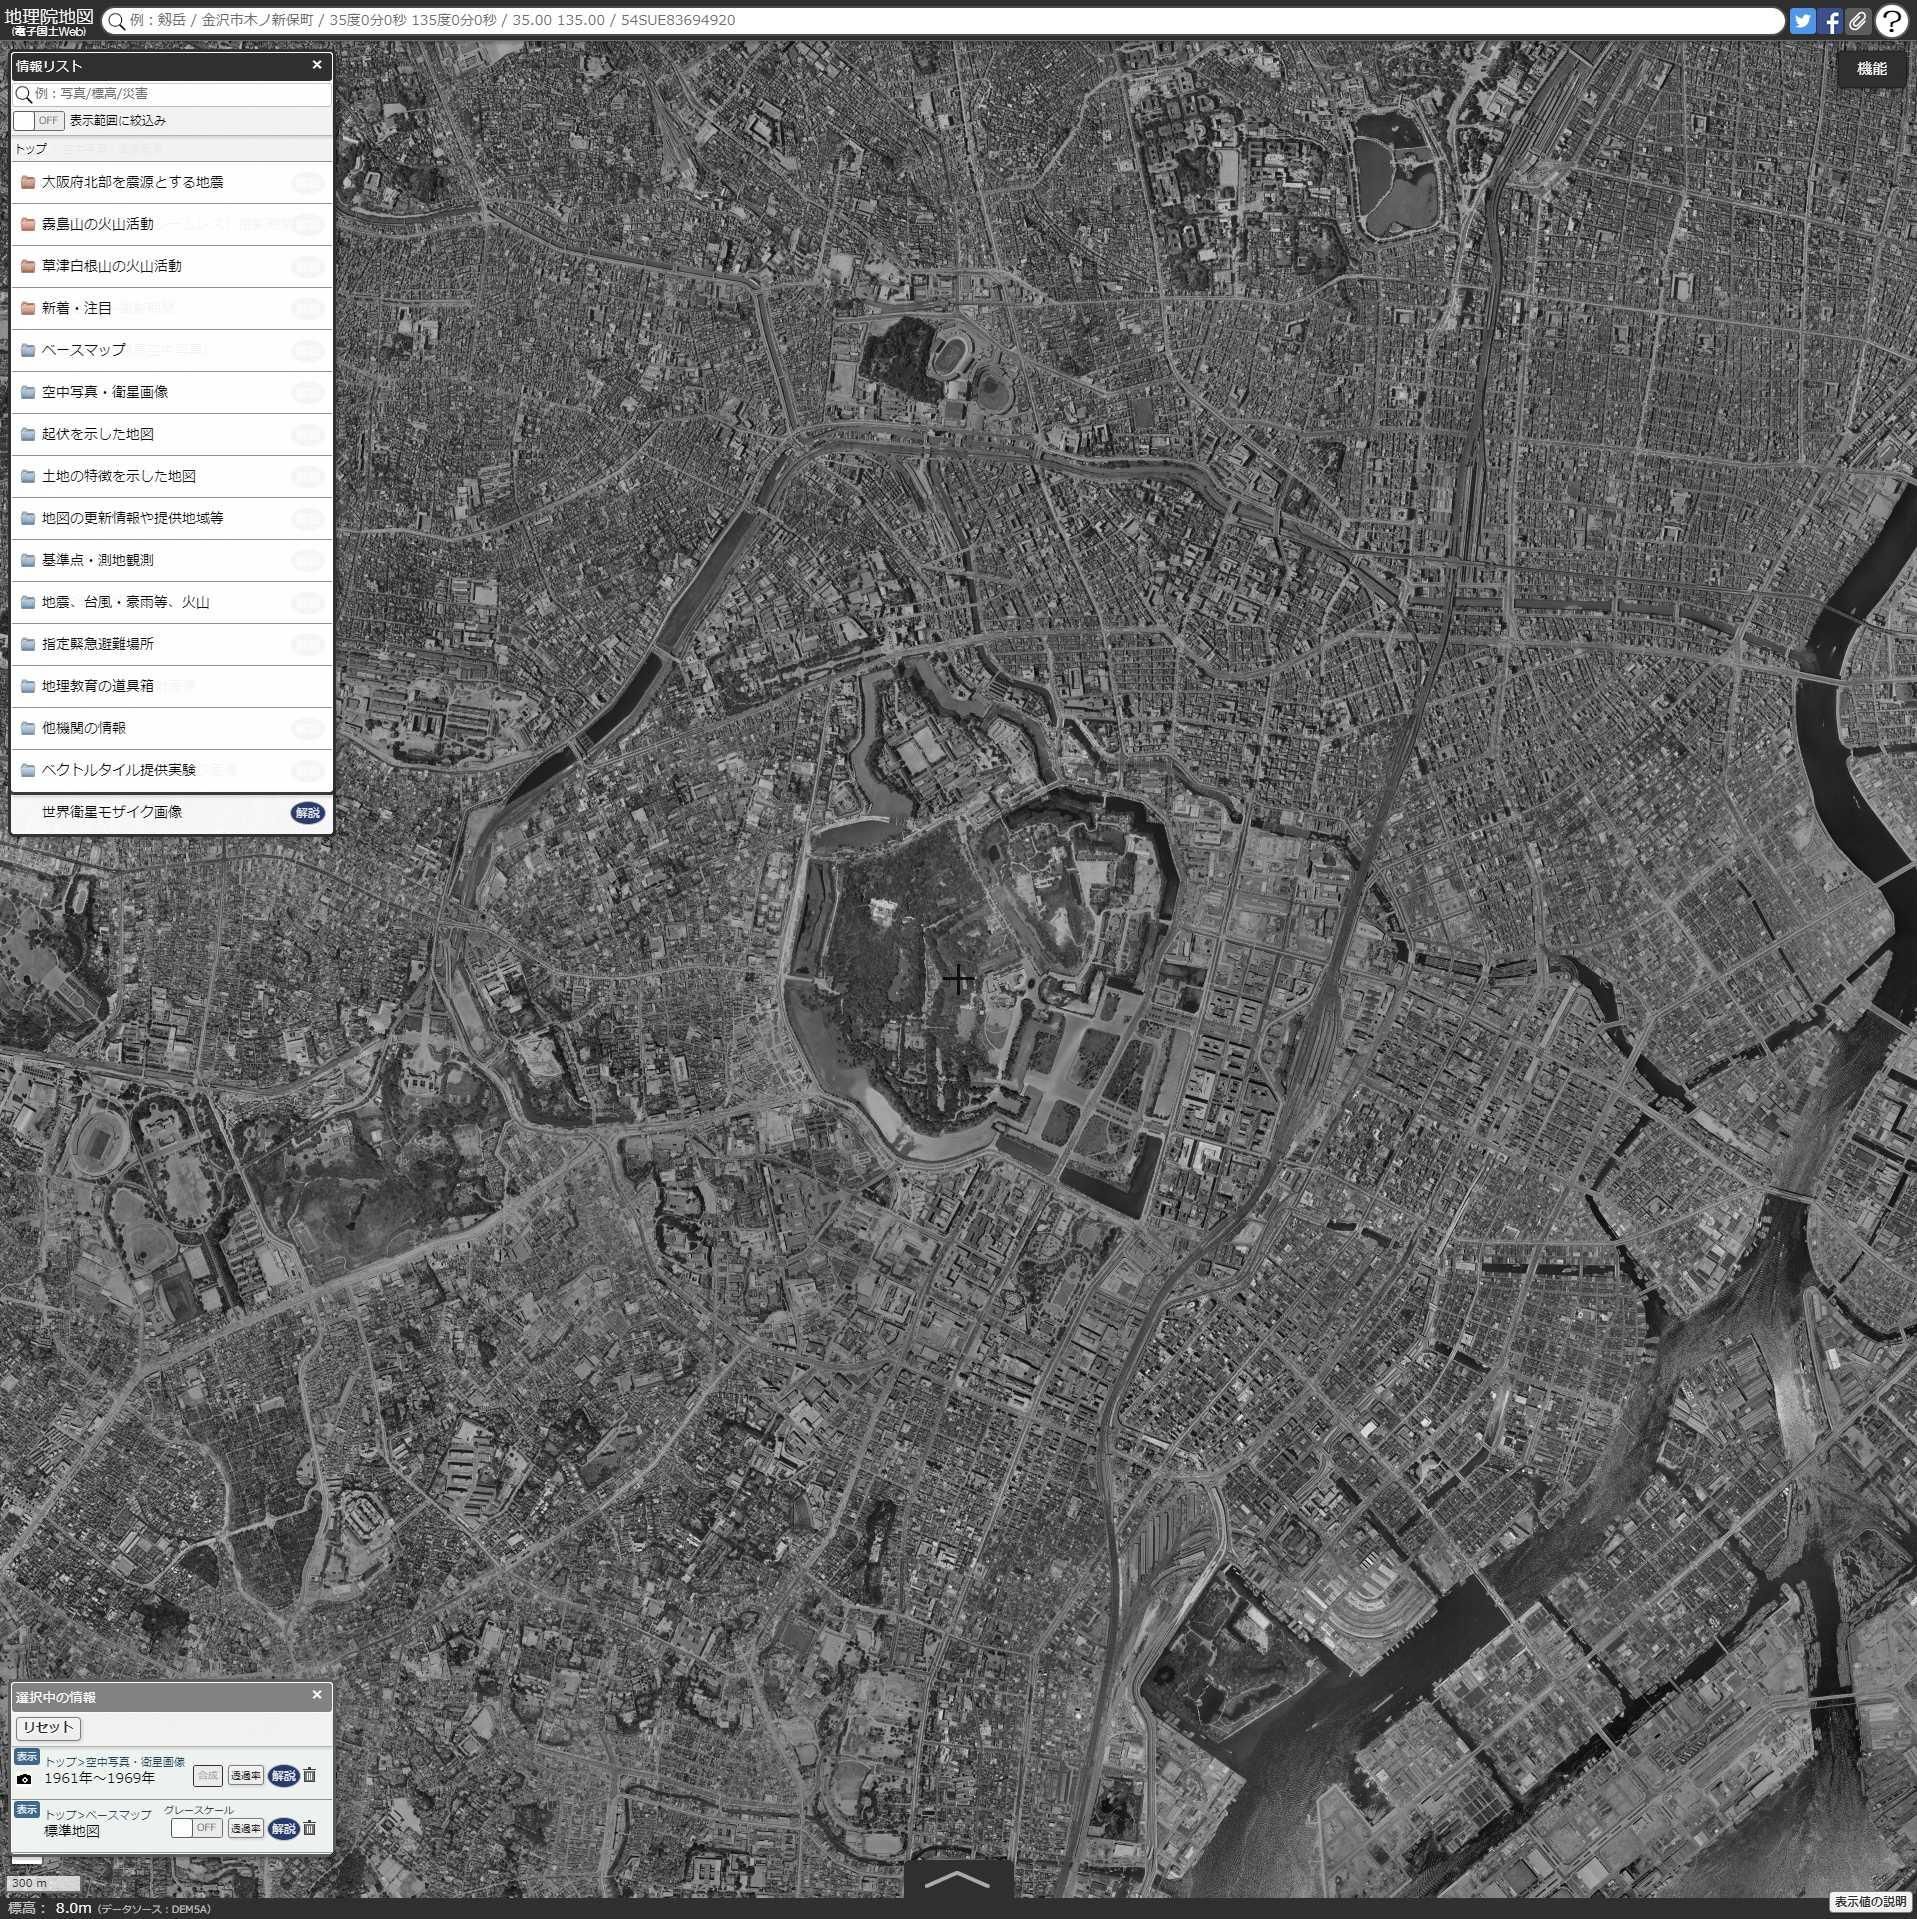 「地理院地図」で見られる1960年代の東京の空中写真